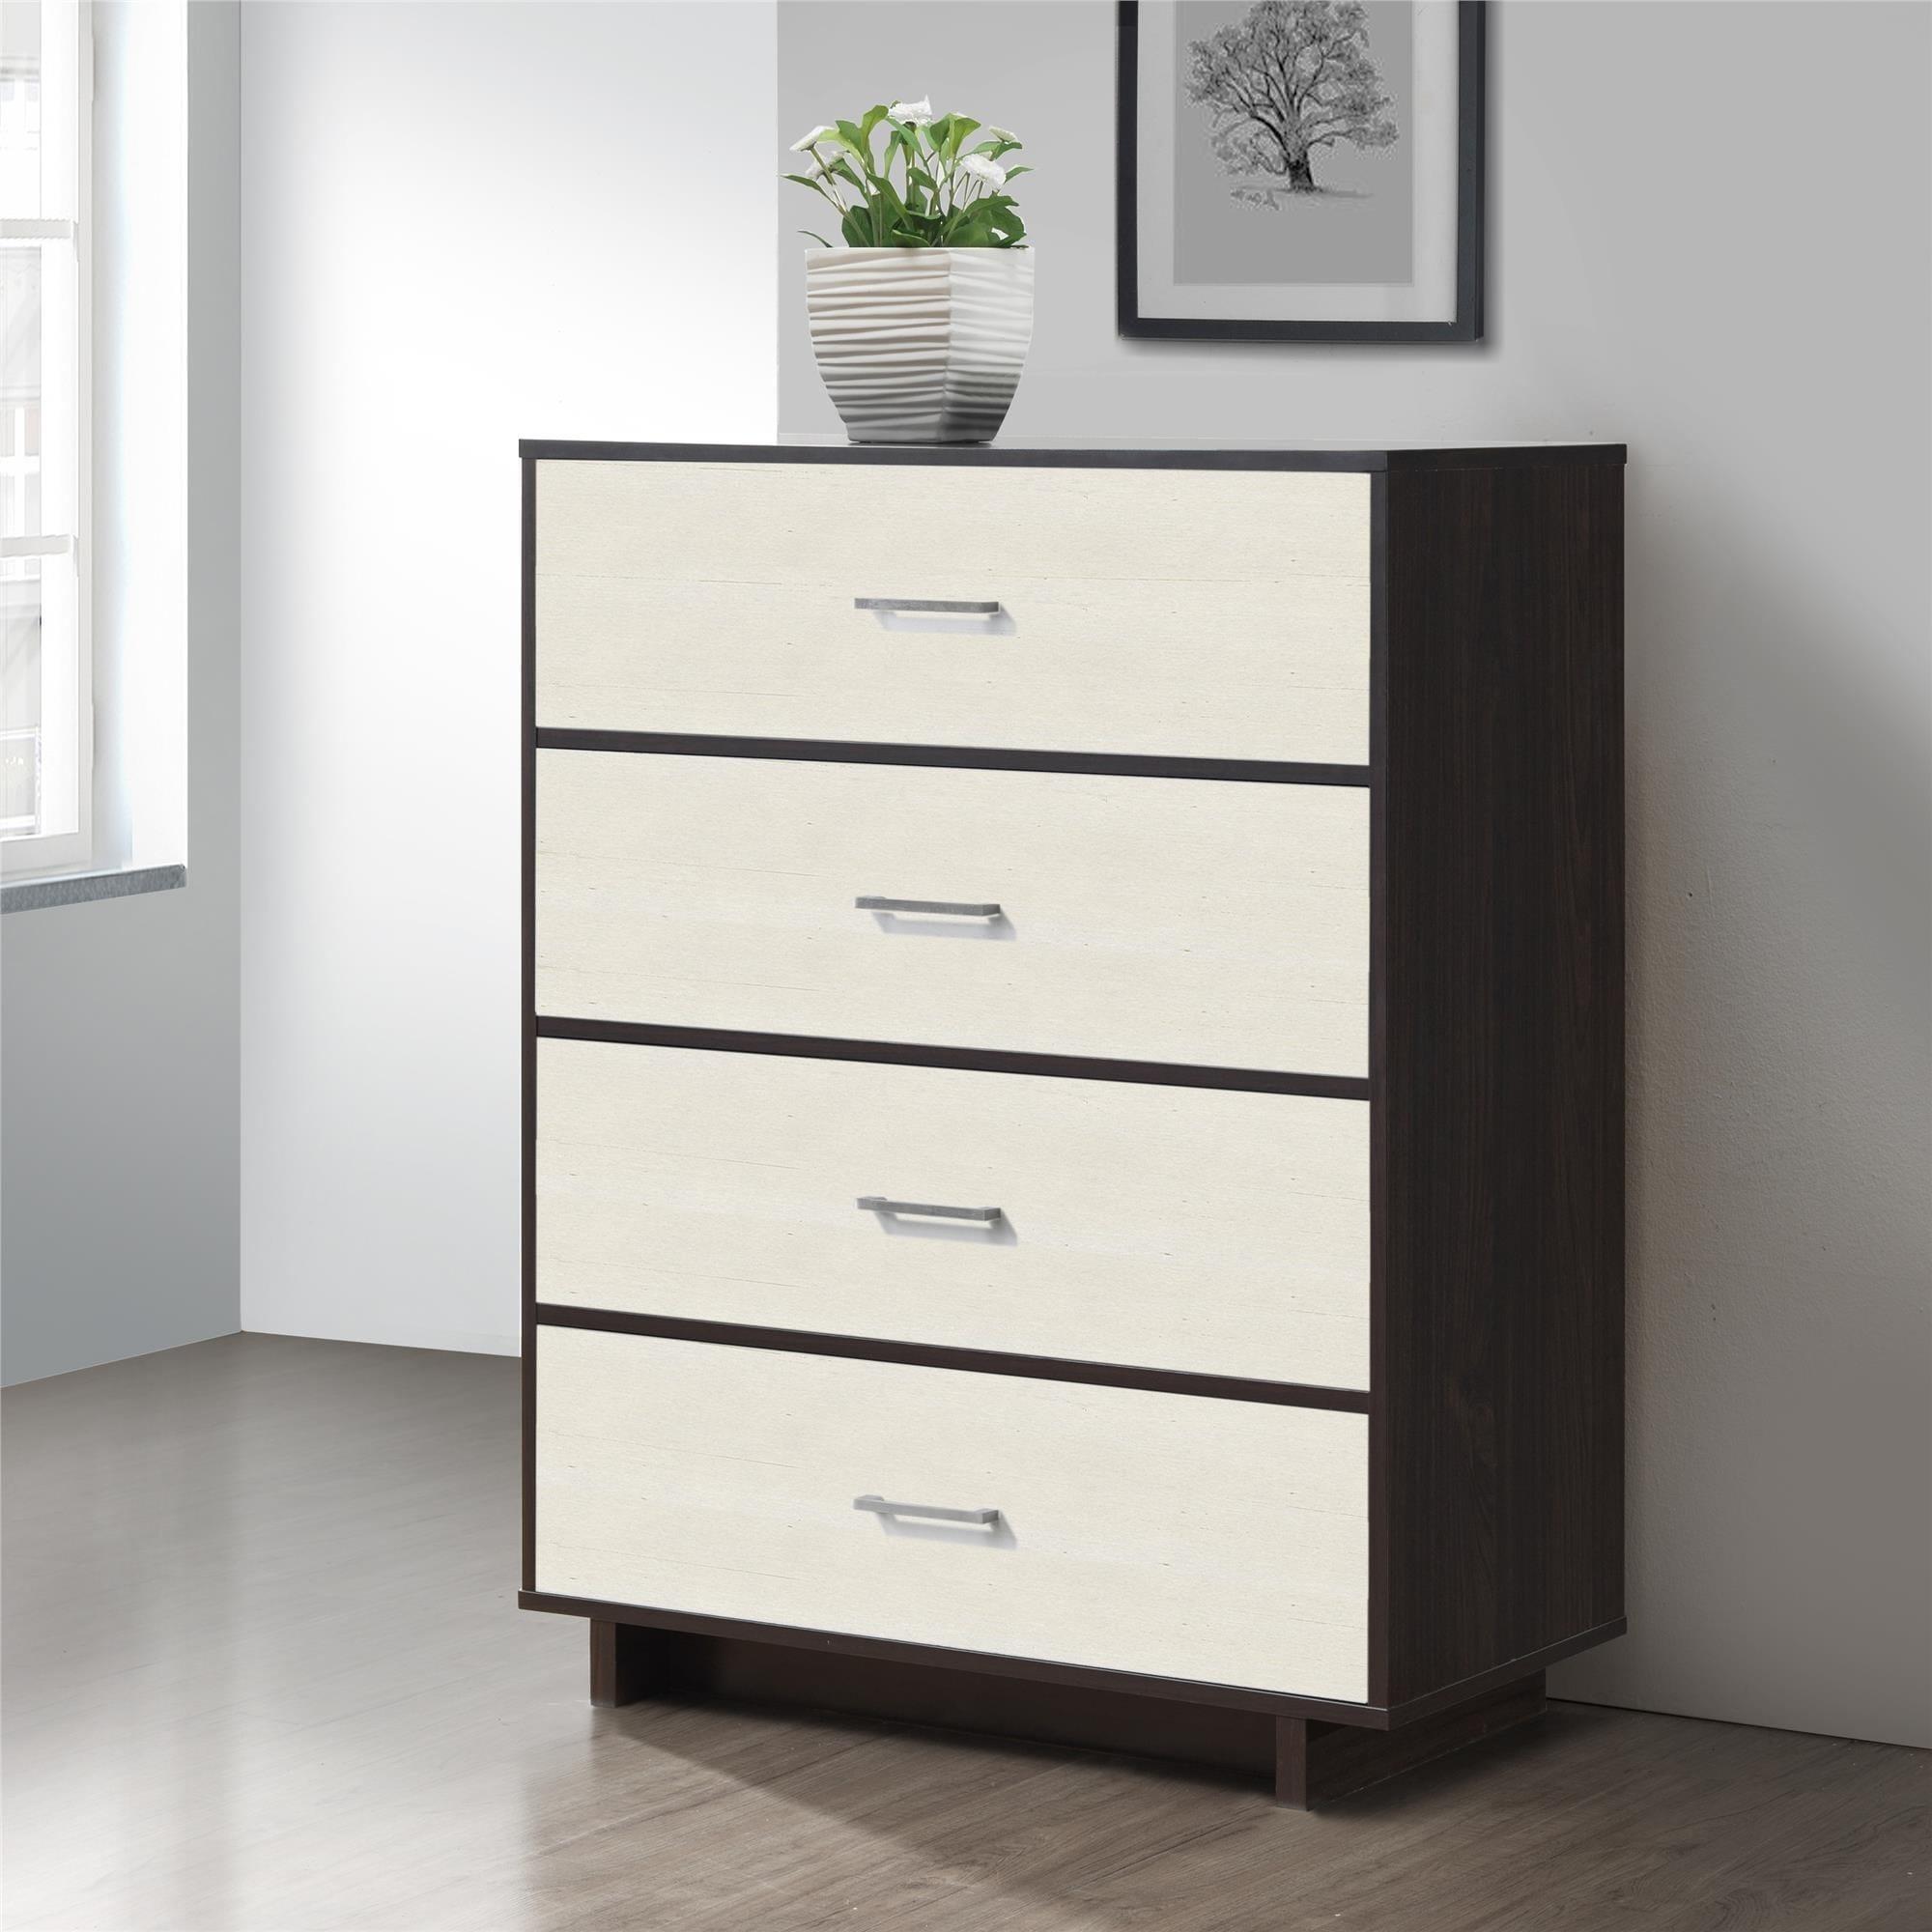 home goods dartbrook handles dresser with rustic products pine warren antler resin dressers fullsizeoutput